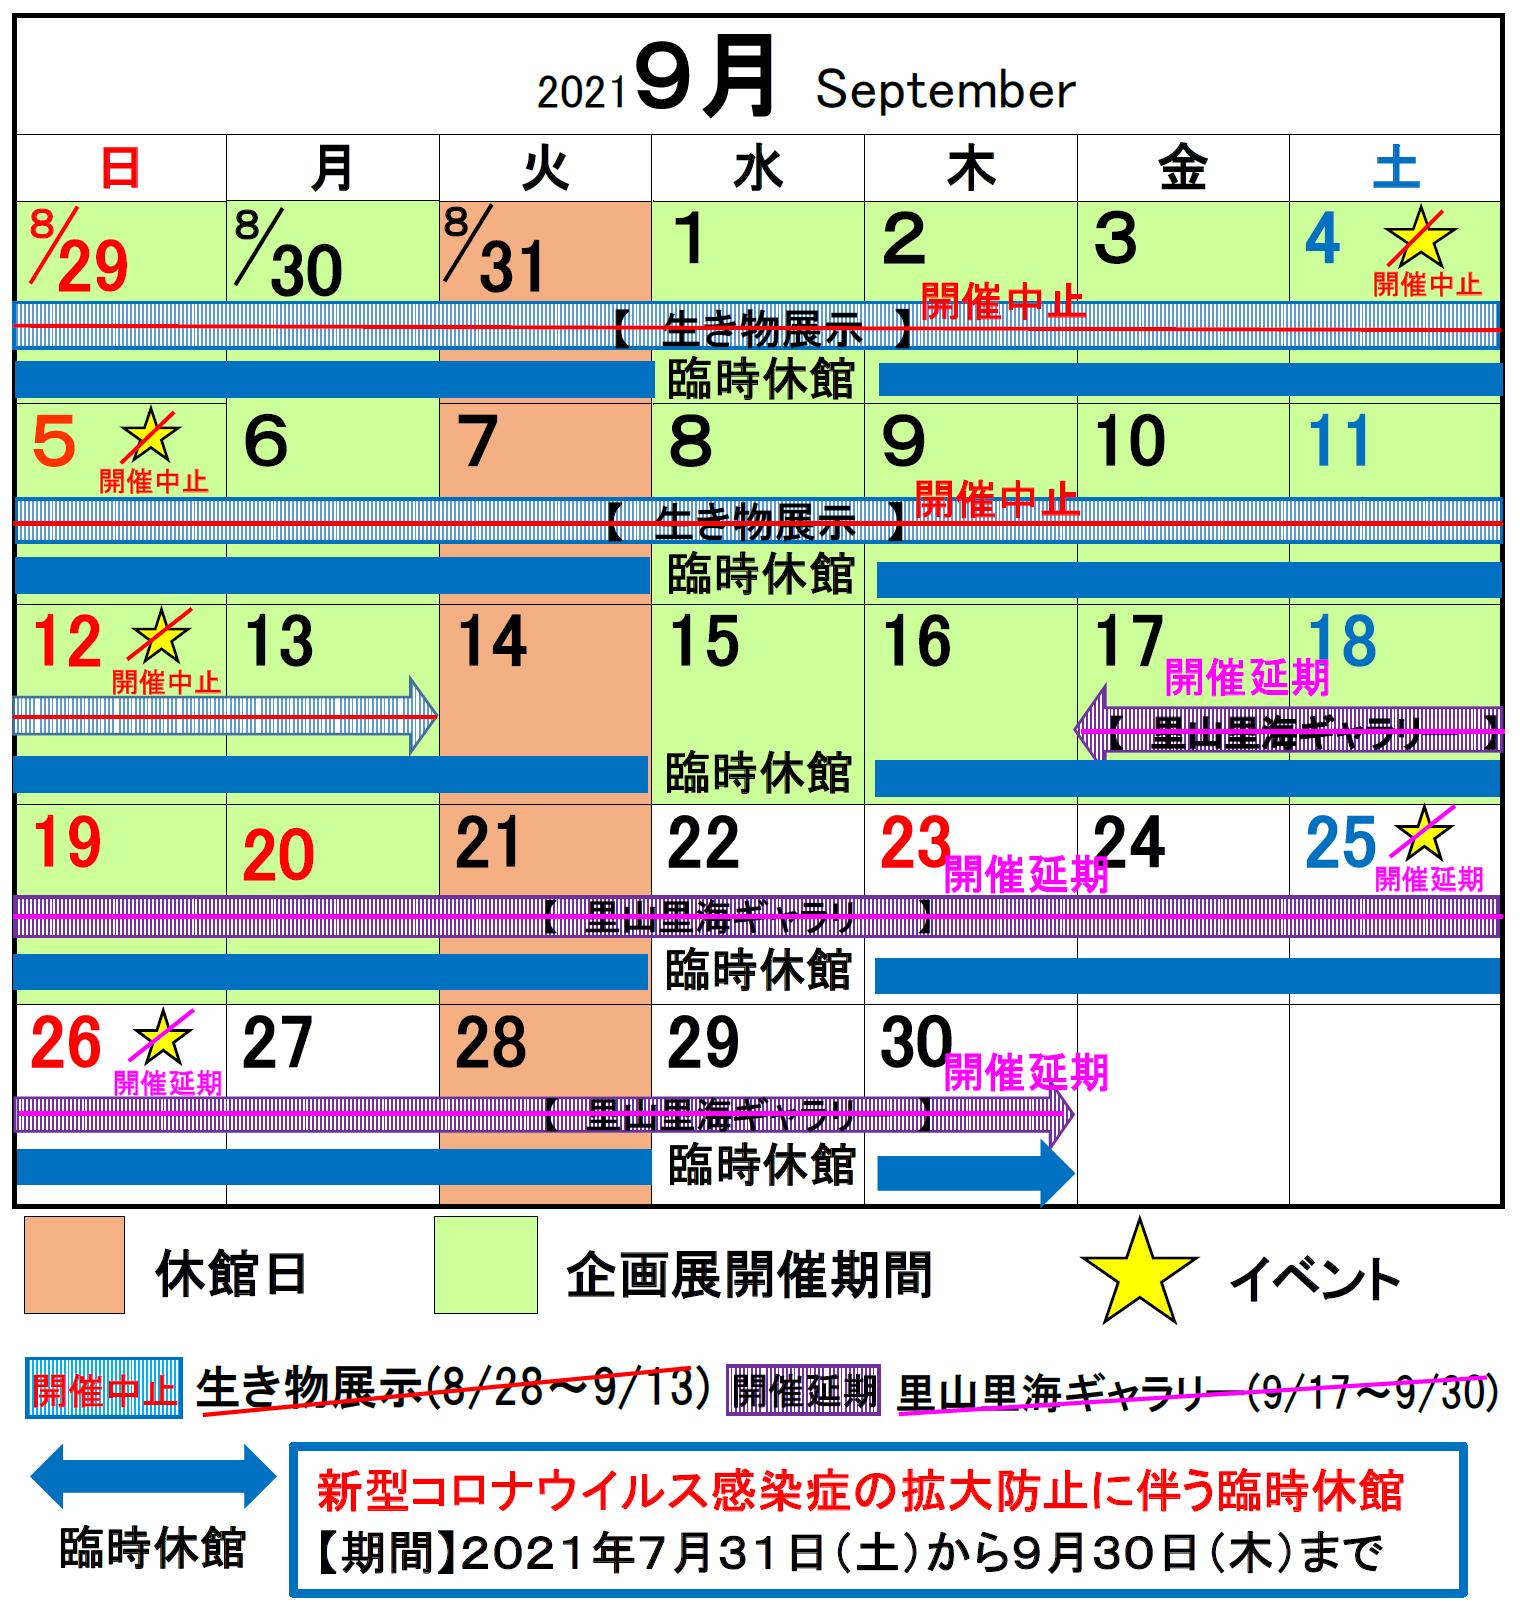 9月のミュージアムカレンダーのイメージ